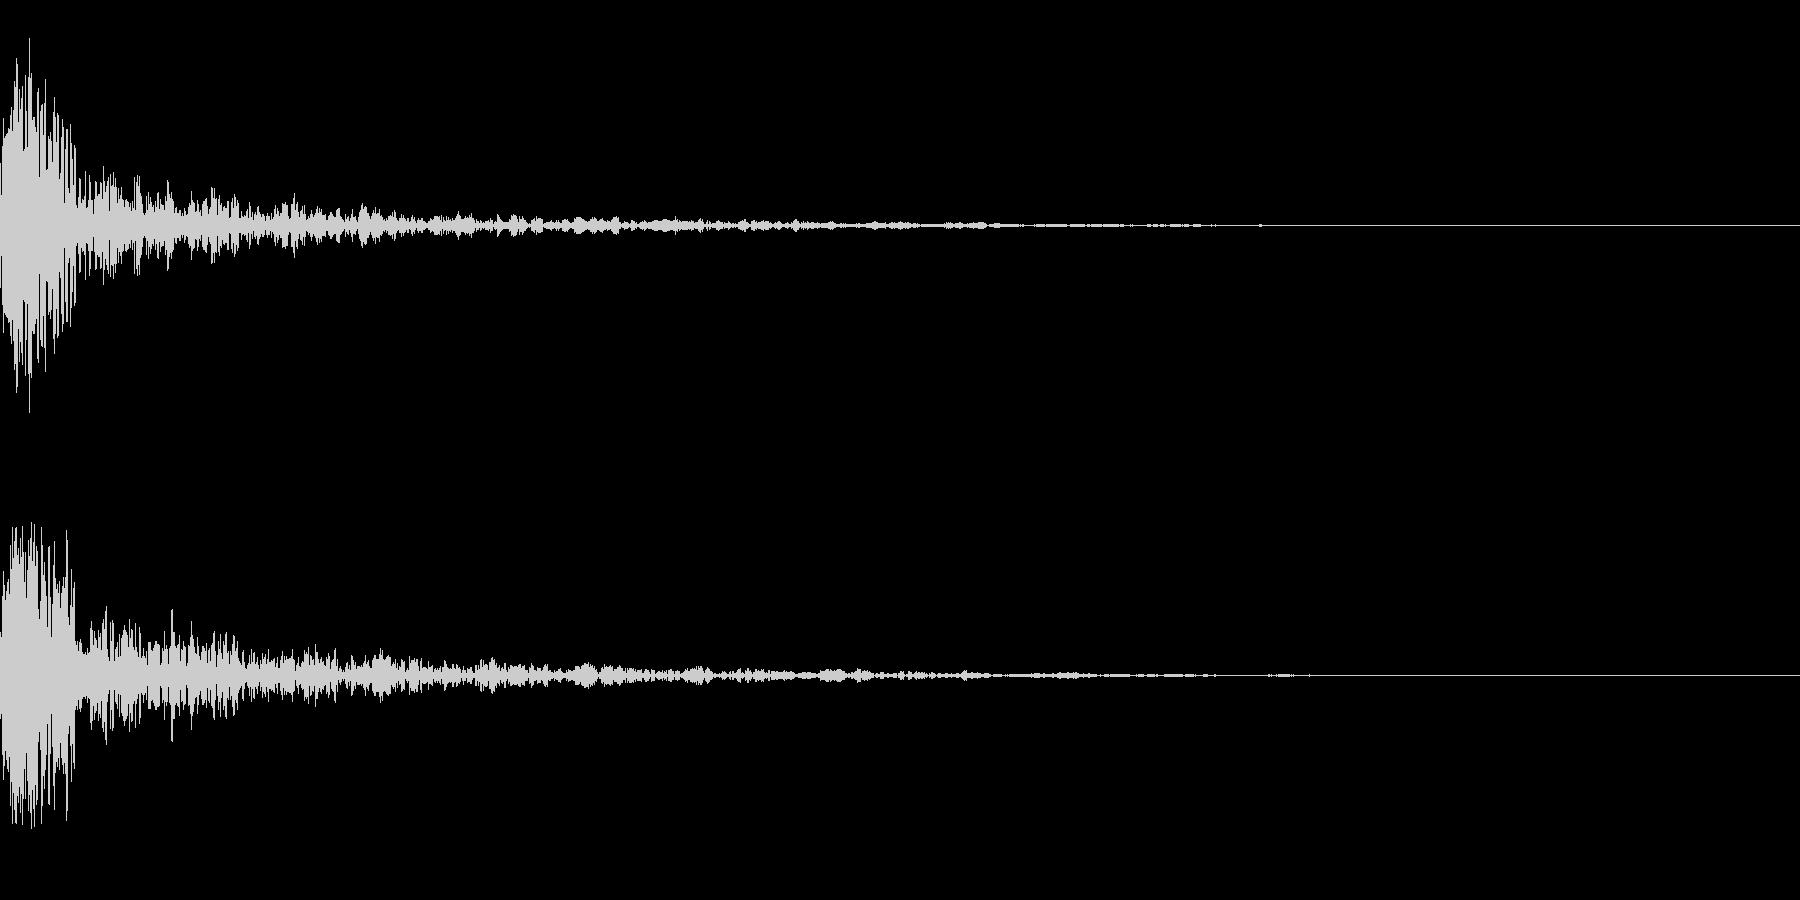 ドーン-51-1(インパクト音)の未再生の波形